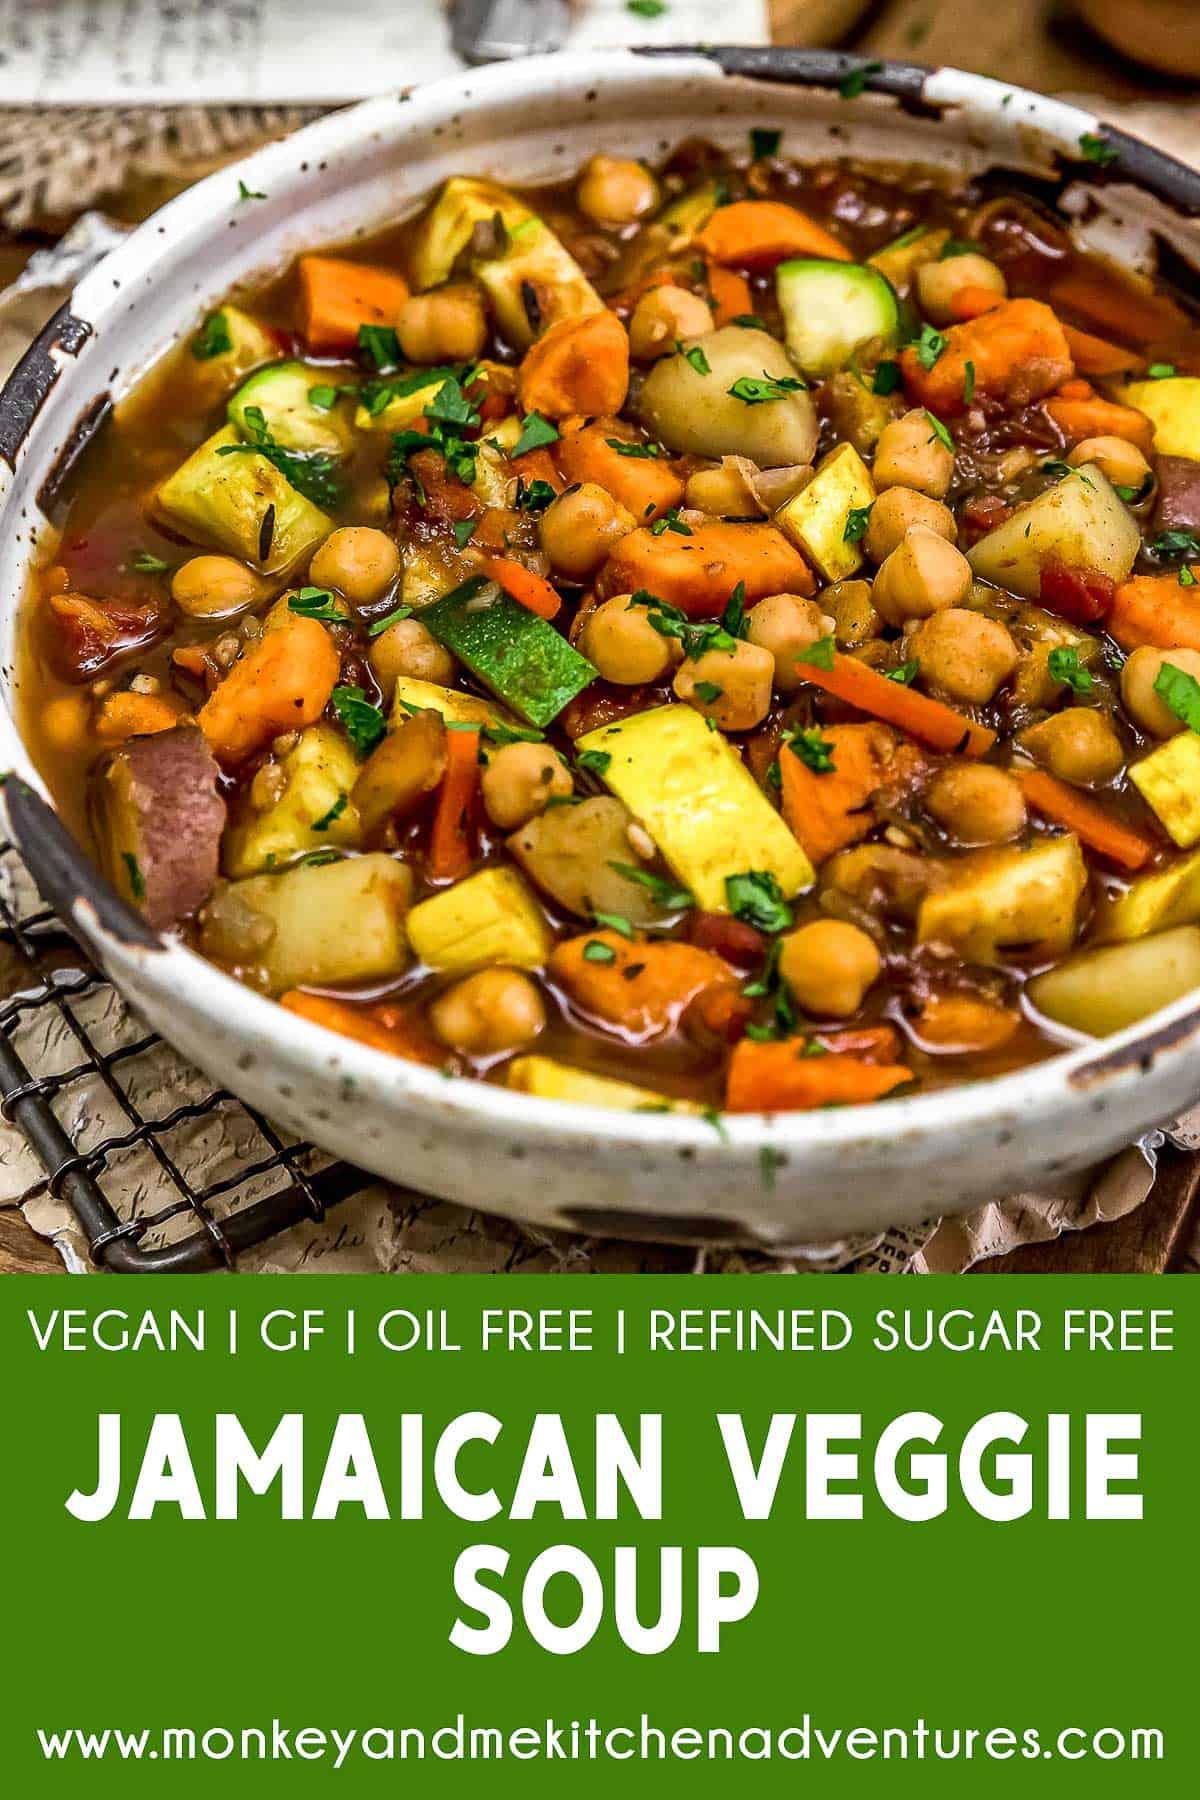 Jamaican Veggie Soup with text description